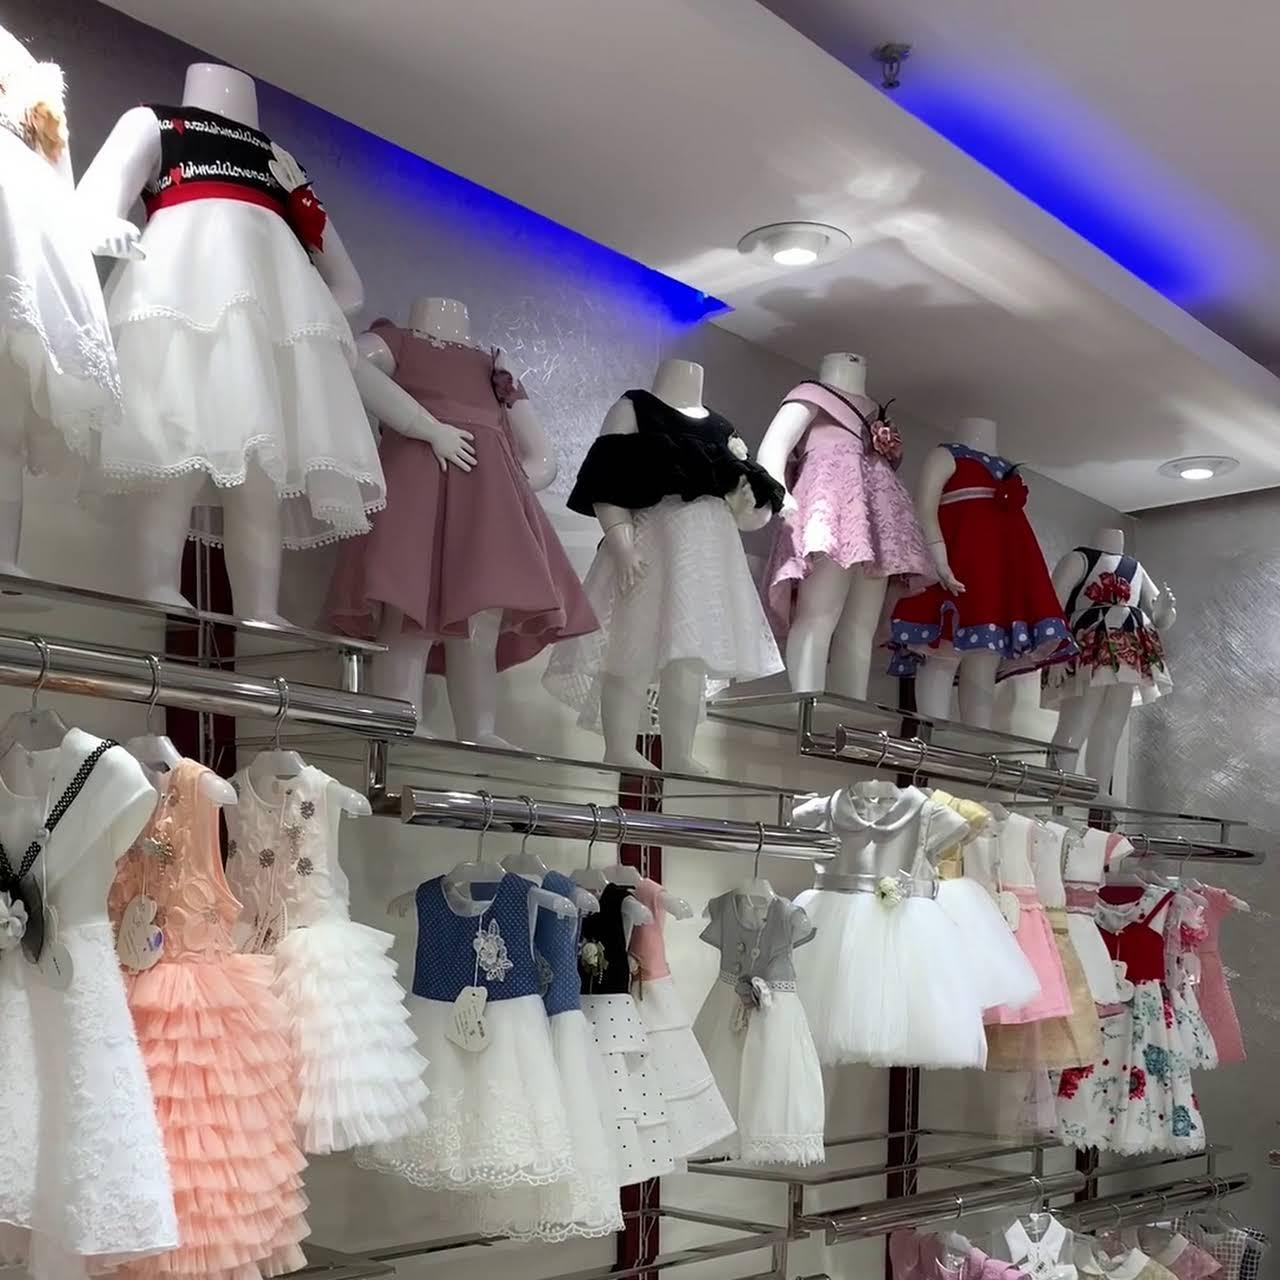 شركة النجوم لملابس الأطفال بالجملة - متجر ملابس في جدة